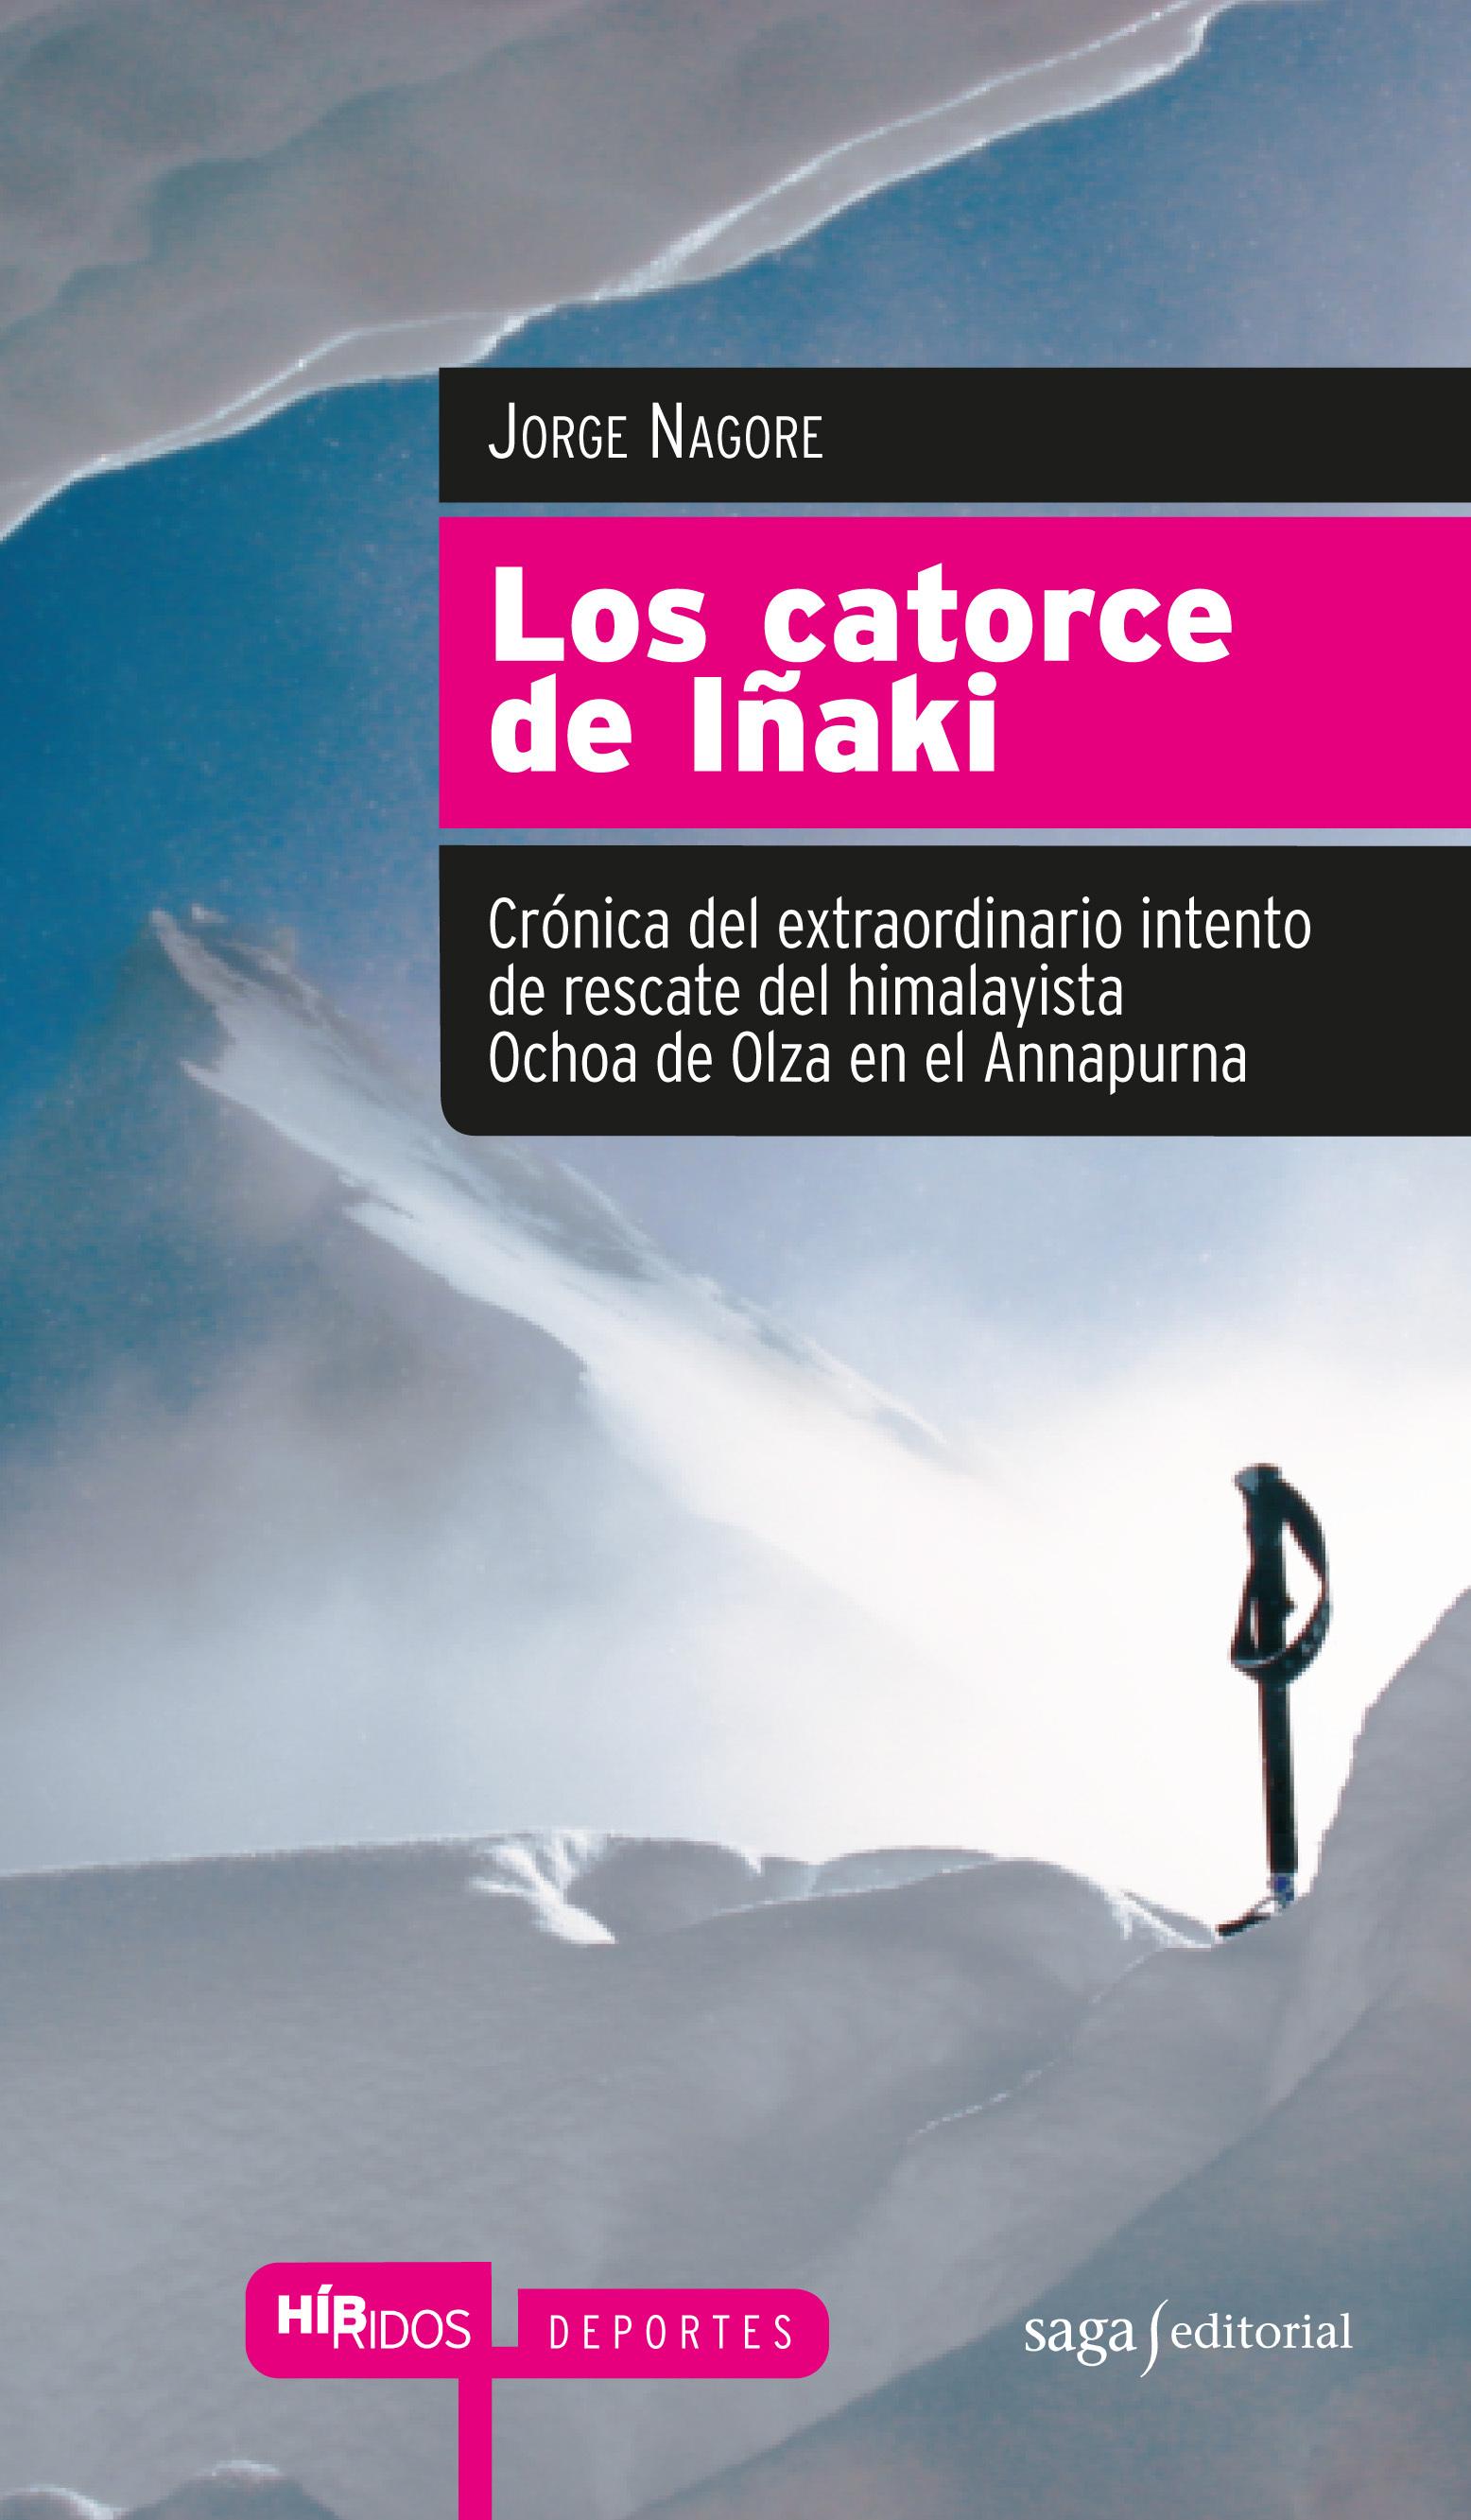 LOS CATORCE DE IÑAKI. CRÓNICA DEL EXTRAORDINARIO INTENTO DE RESCATE DEL HIMALAYISTA OCHOA DE OLZA